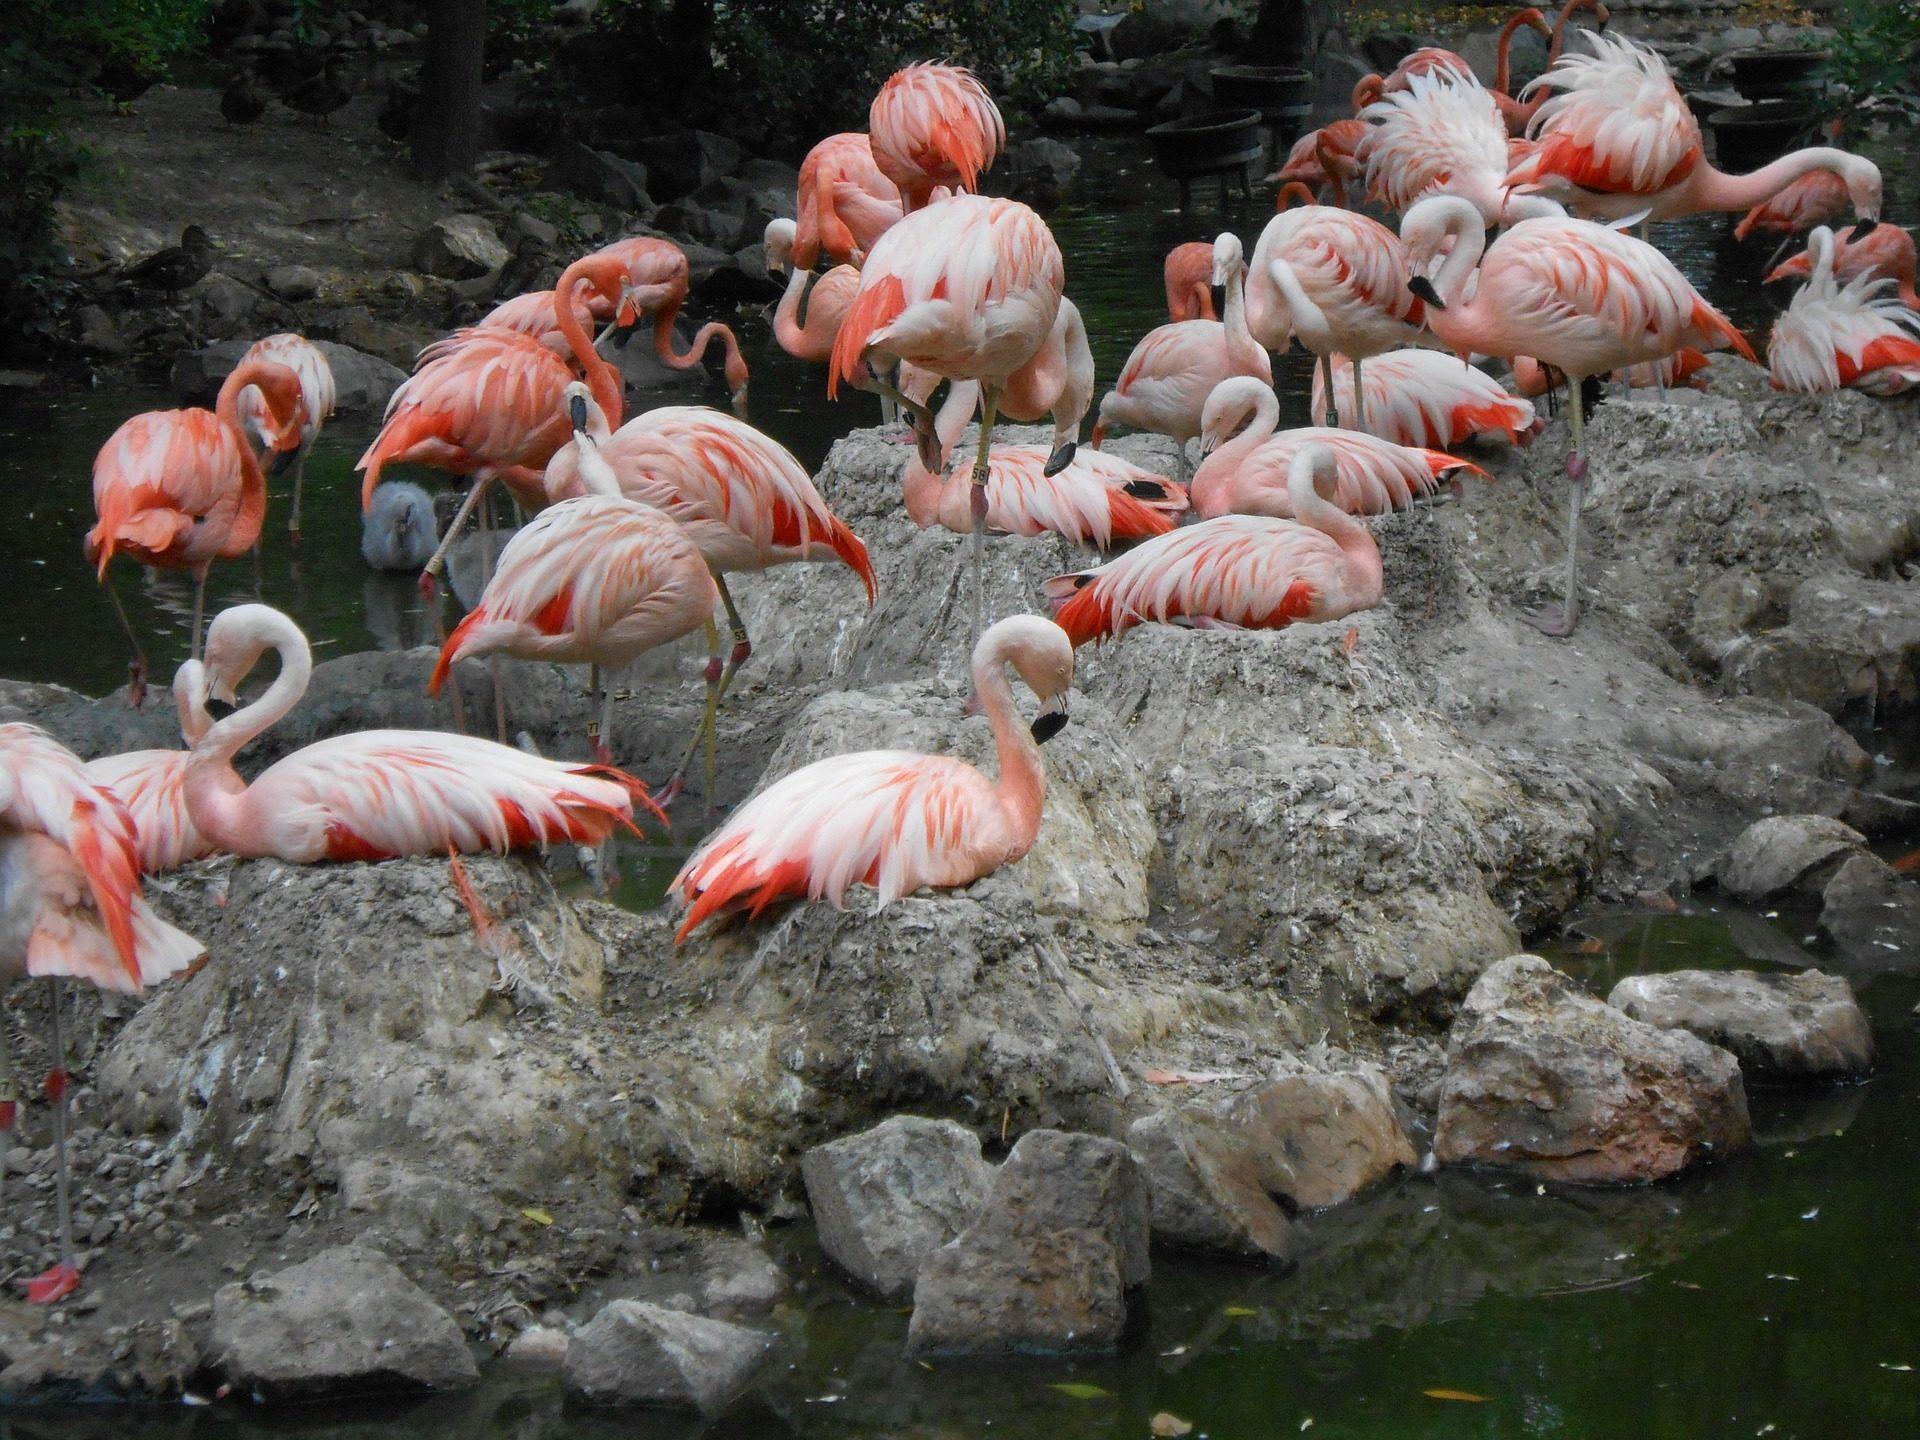 火烈鸟, 鸟类, 鸻鹬, 羊群, 石头, 湖, 粉色 - 高清壁纸 - 教授-falken.com